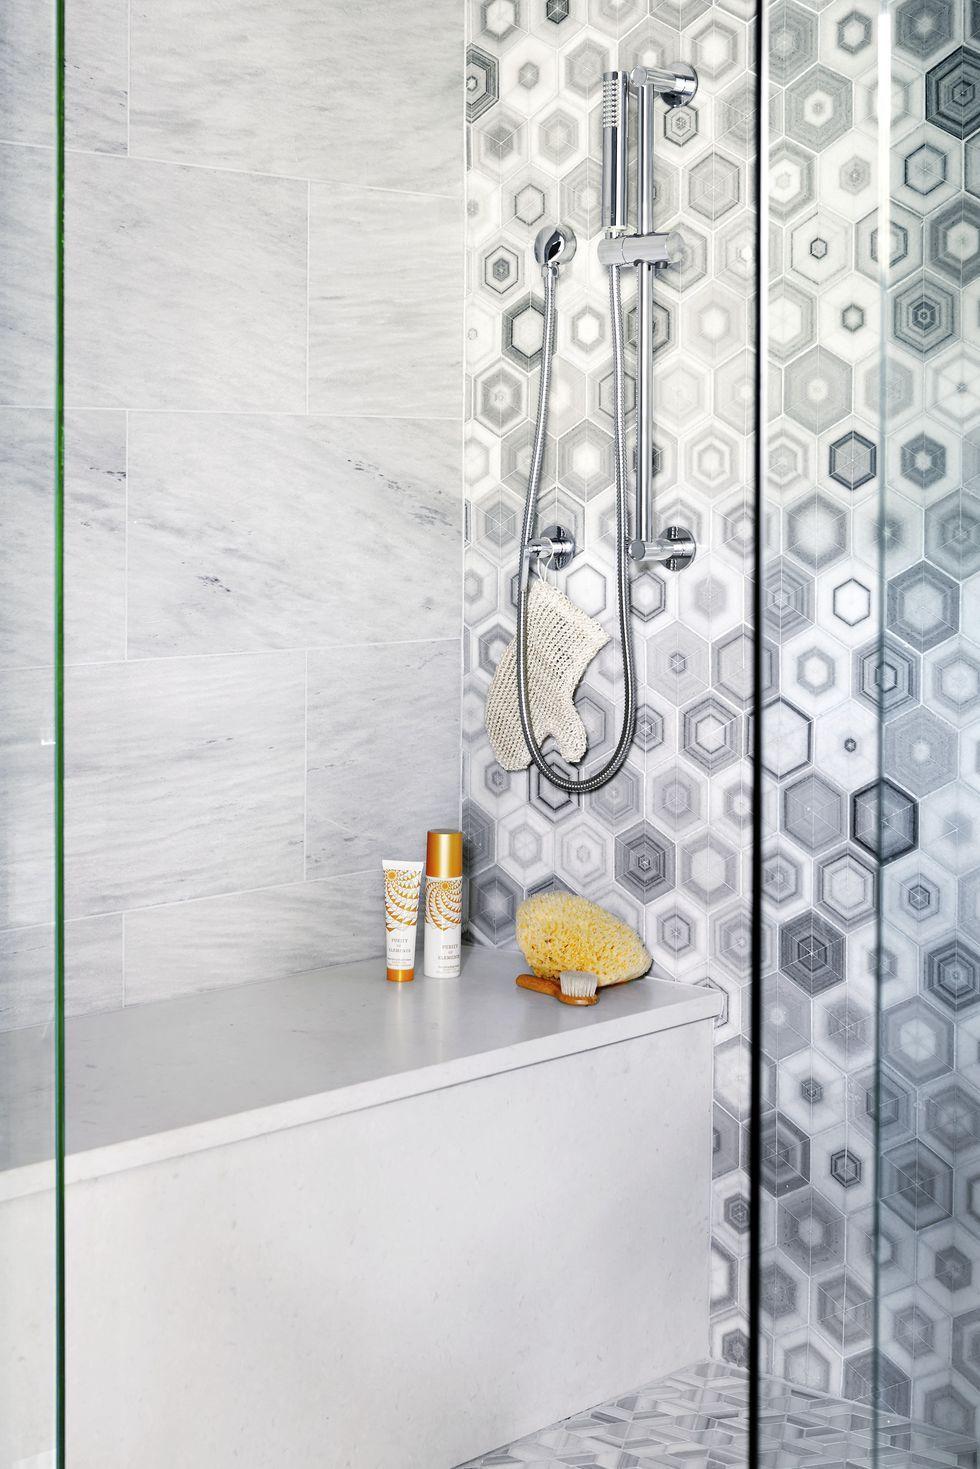 20 Popular Bathroom Tile Ideas Wall And Floor Tiles